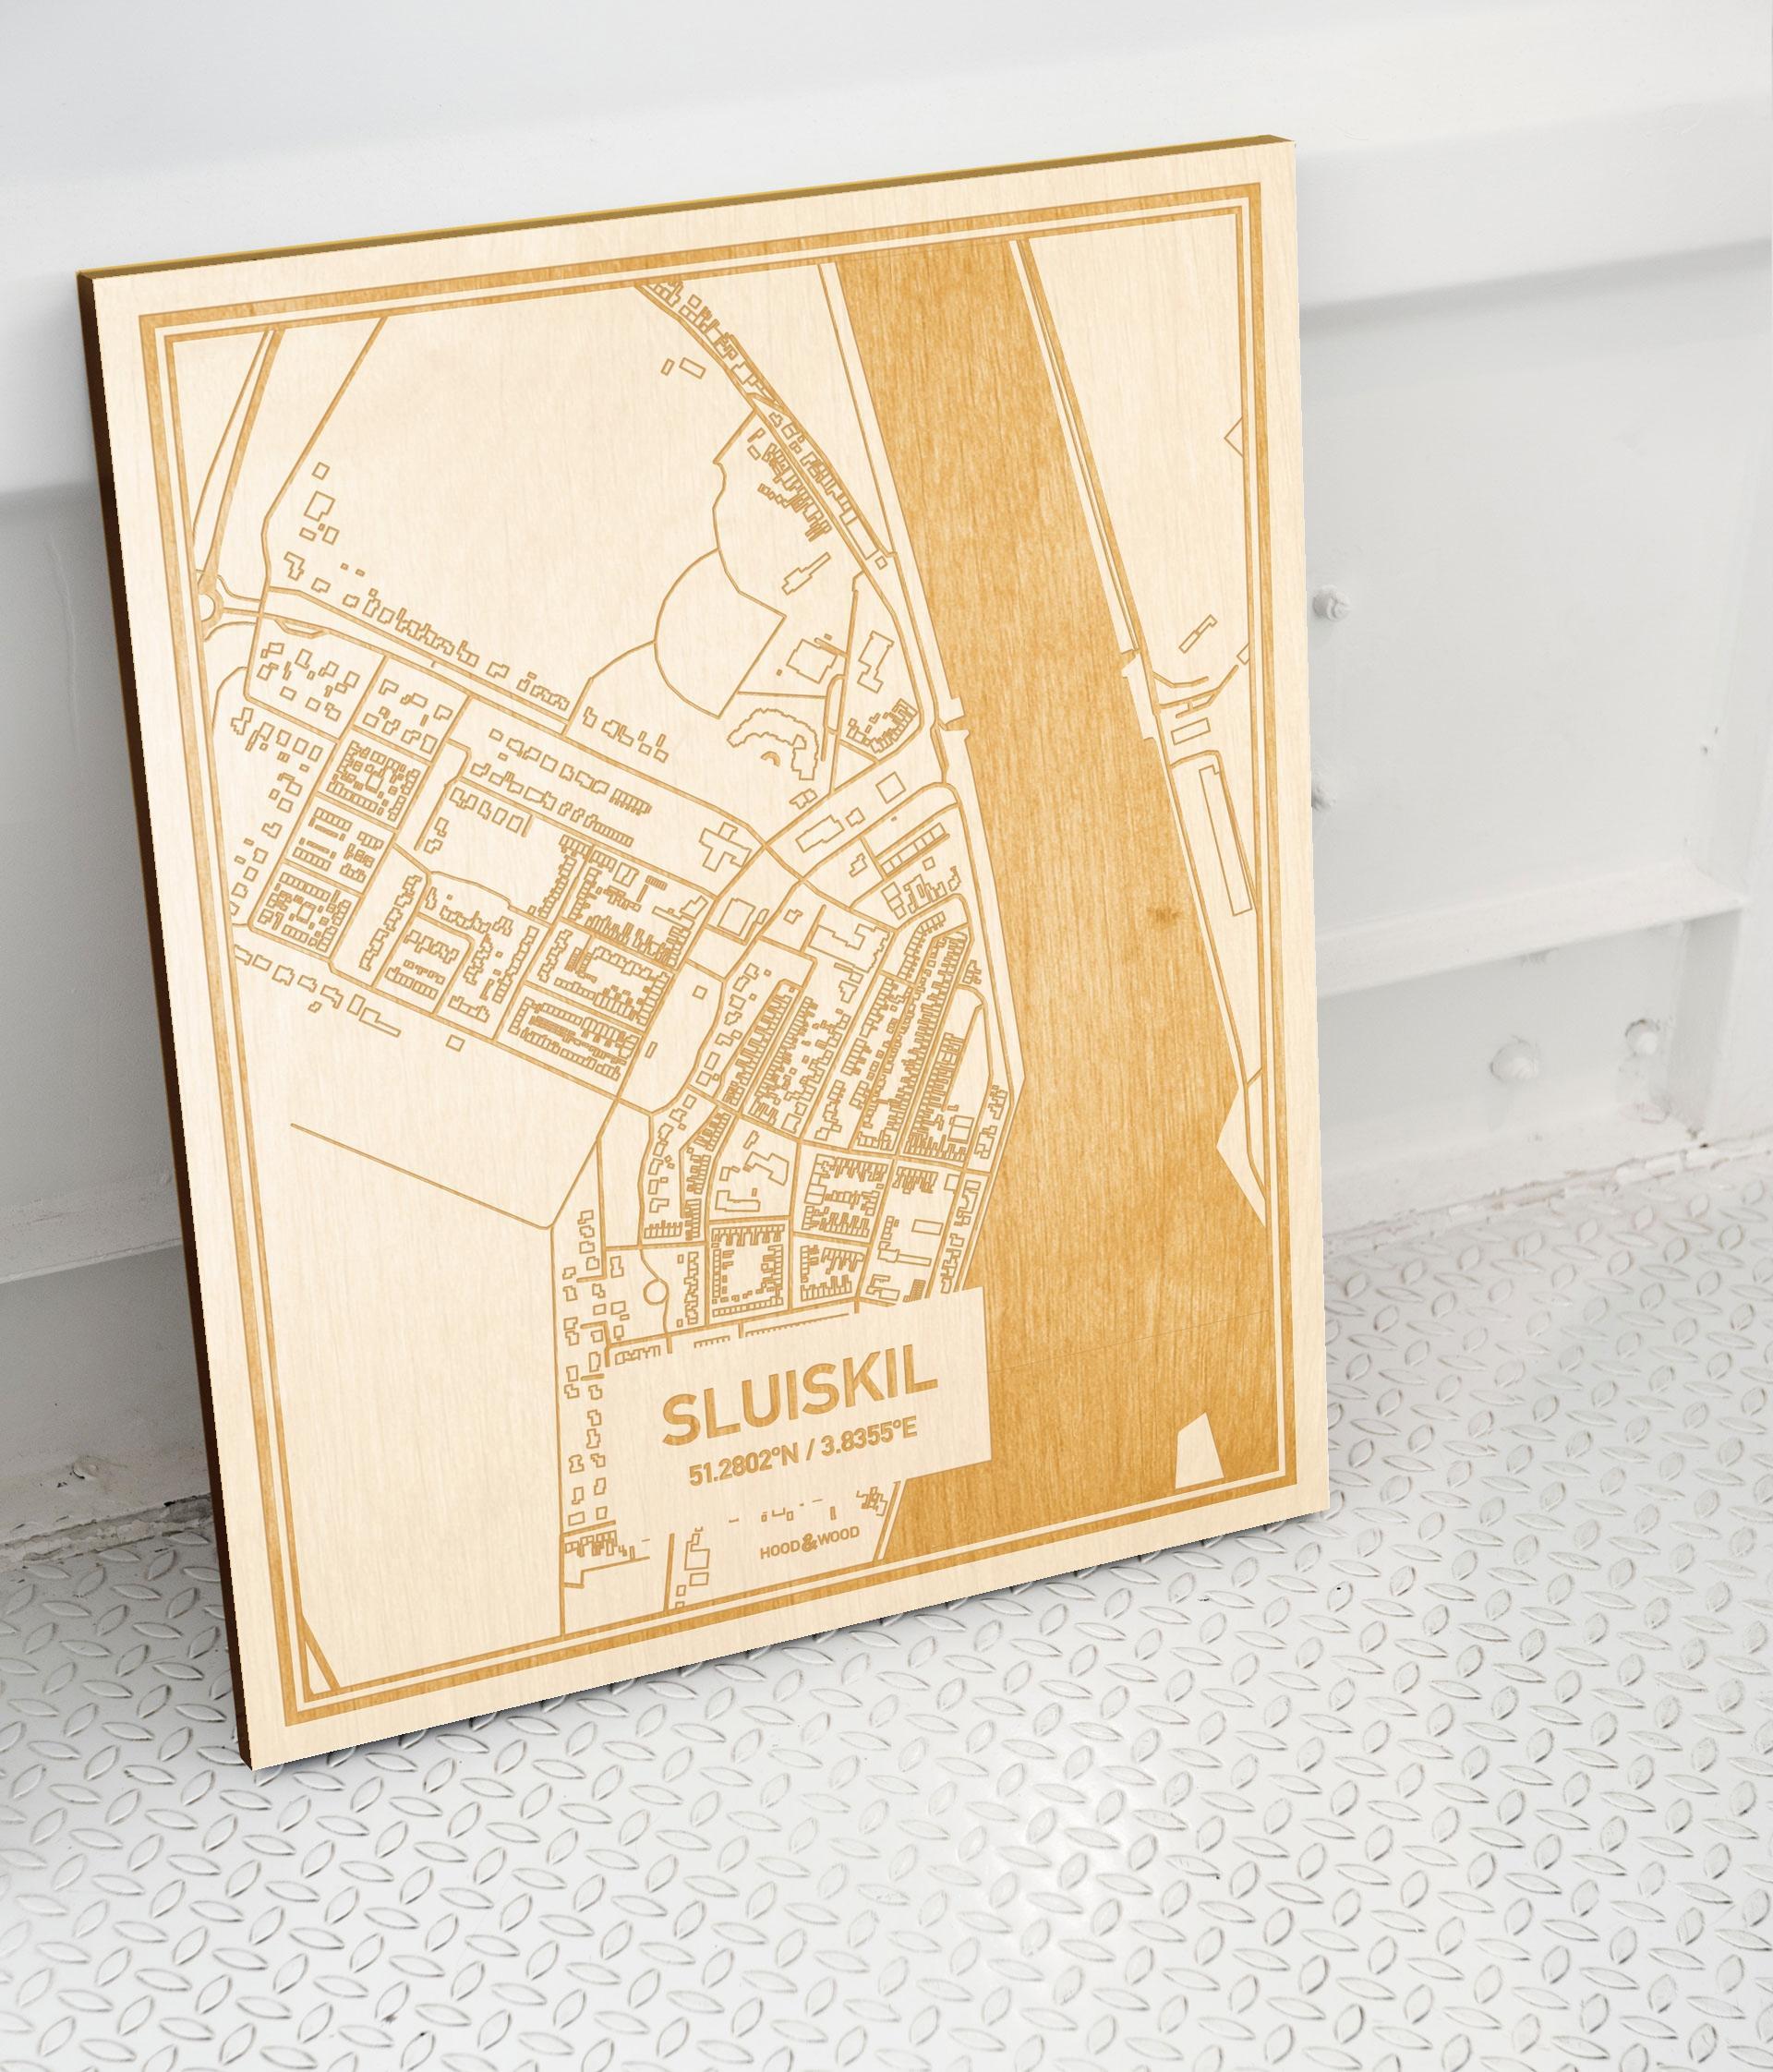 Plattegrond Sluiskil als prachtige houten wanddecoratie. Het warme hout contrasteert mooi met de witte muur.